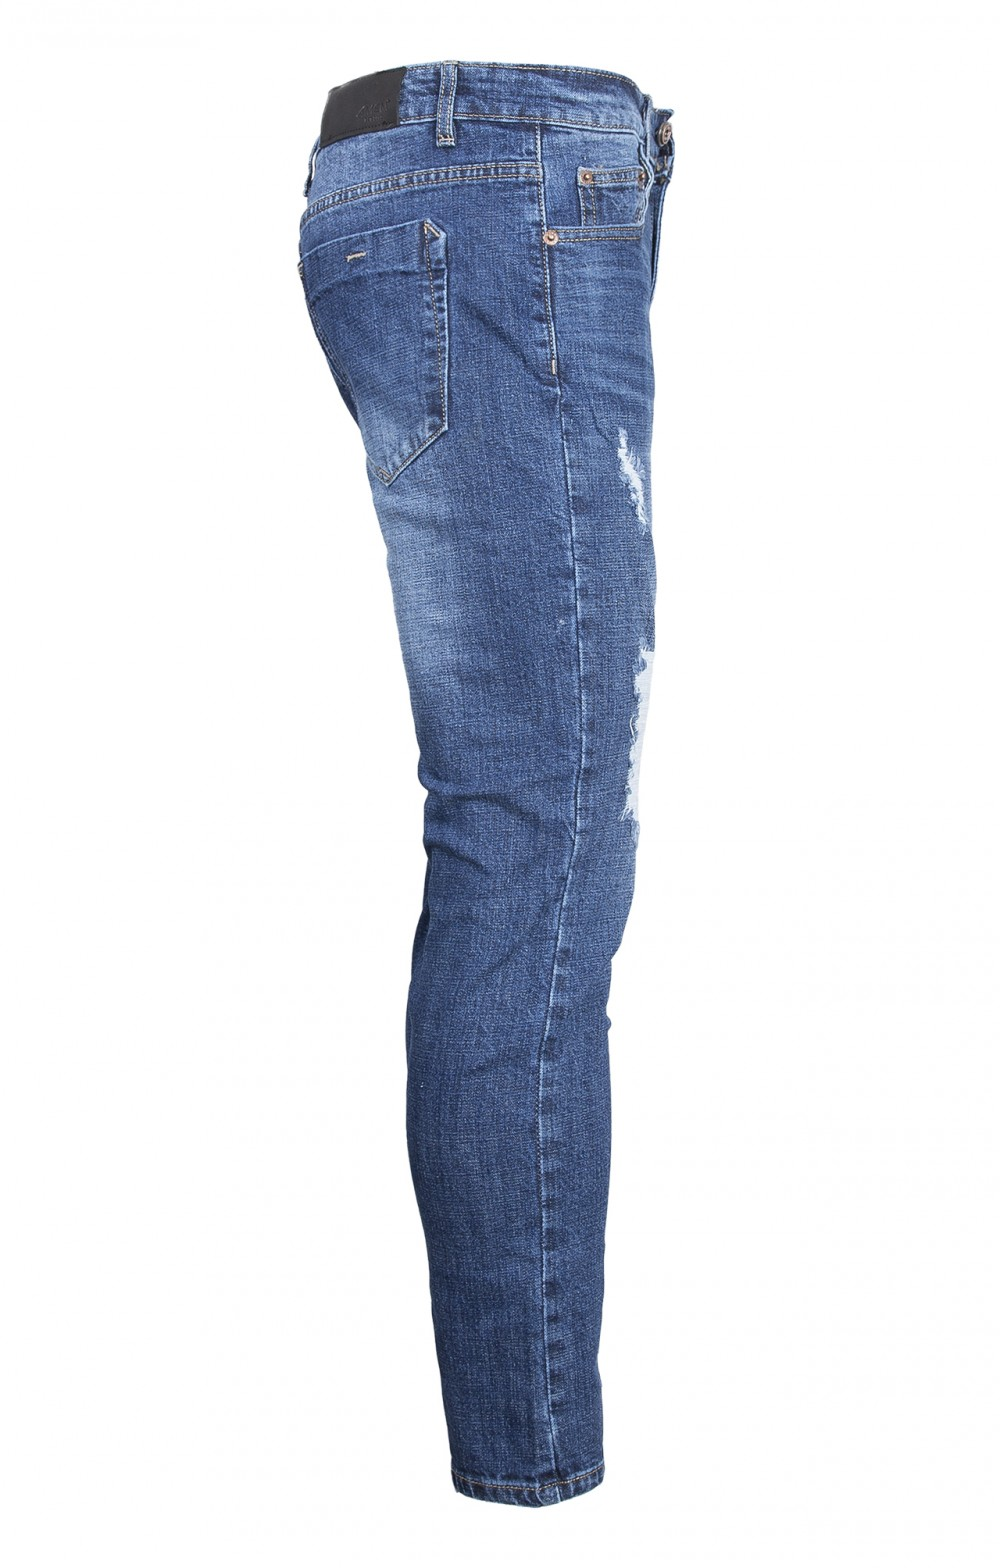 Quần jeans rách xanh đen qj1566 - 3